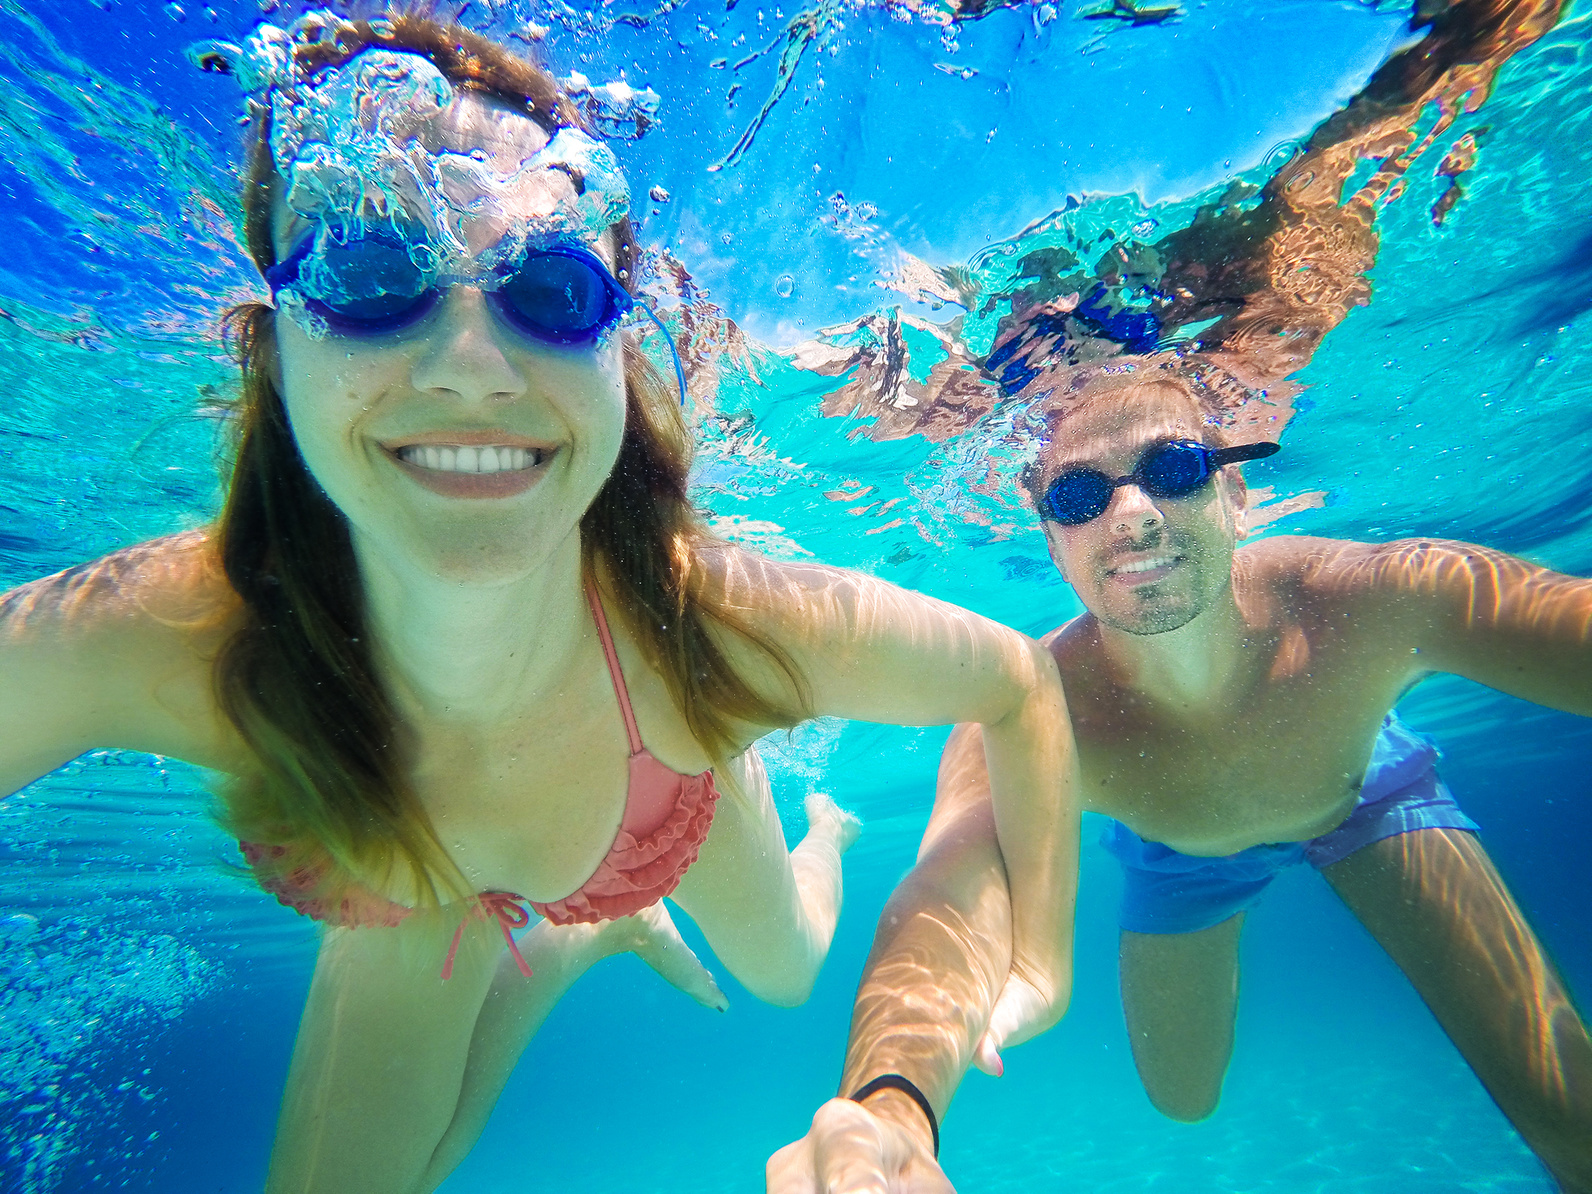 La piscina el mejor gimnasio para mantenerse siempre joven for Ejercicios espalda piscina